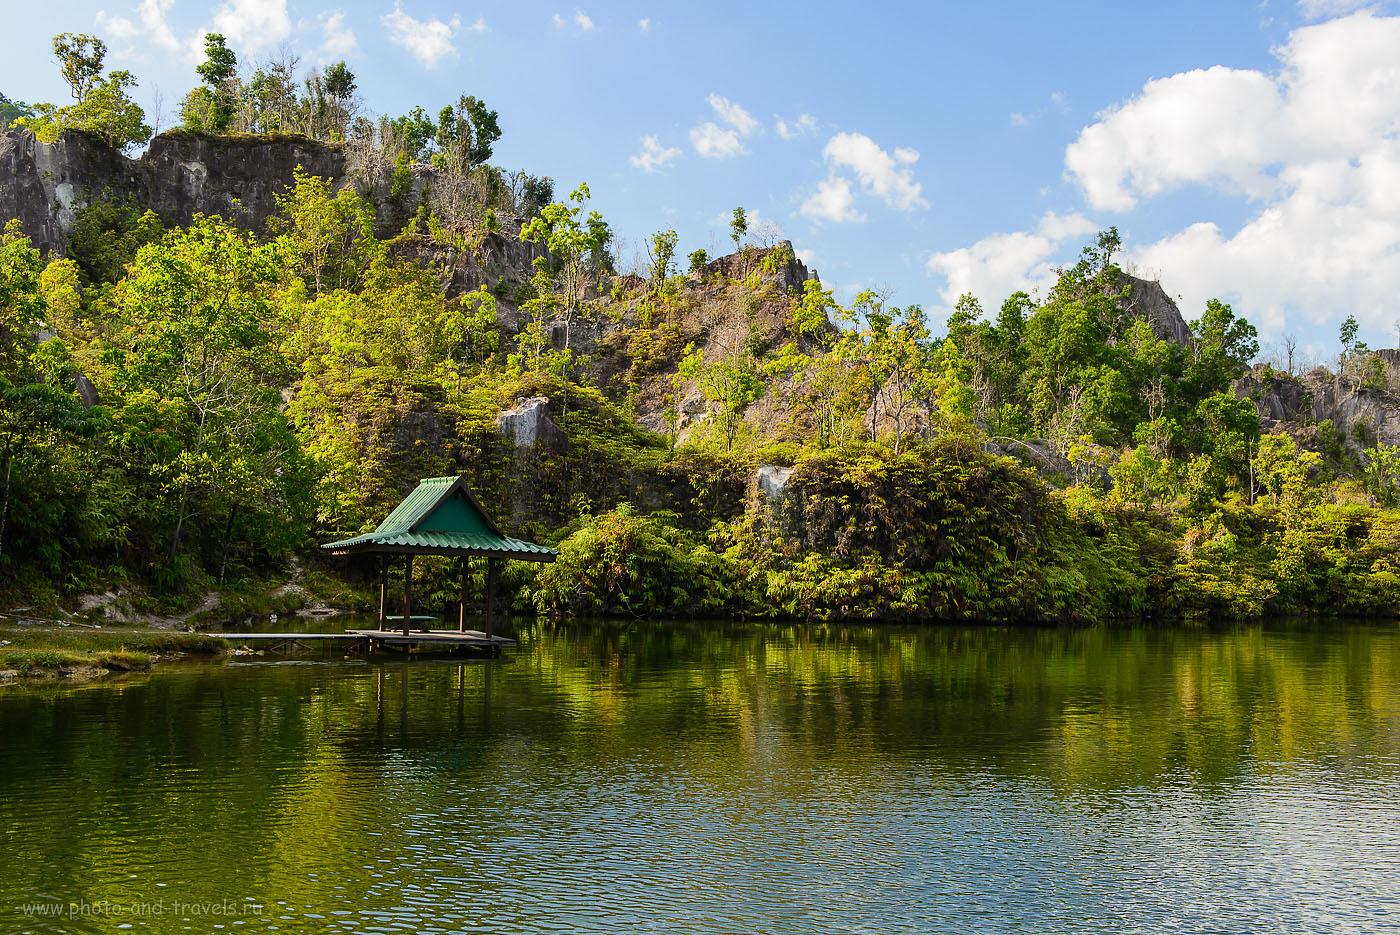 Фотография 10. Затопленный оловянный карьер Canyon Ranong в Таиланде. Отчет о самостоятельной поездке на арендованной машине (320, 48, 8.0, 1/125)